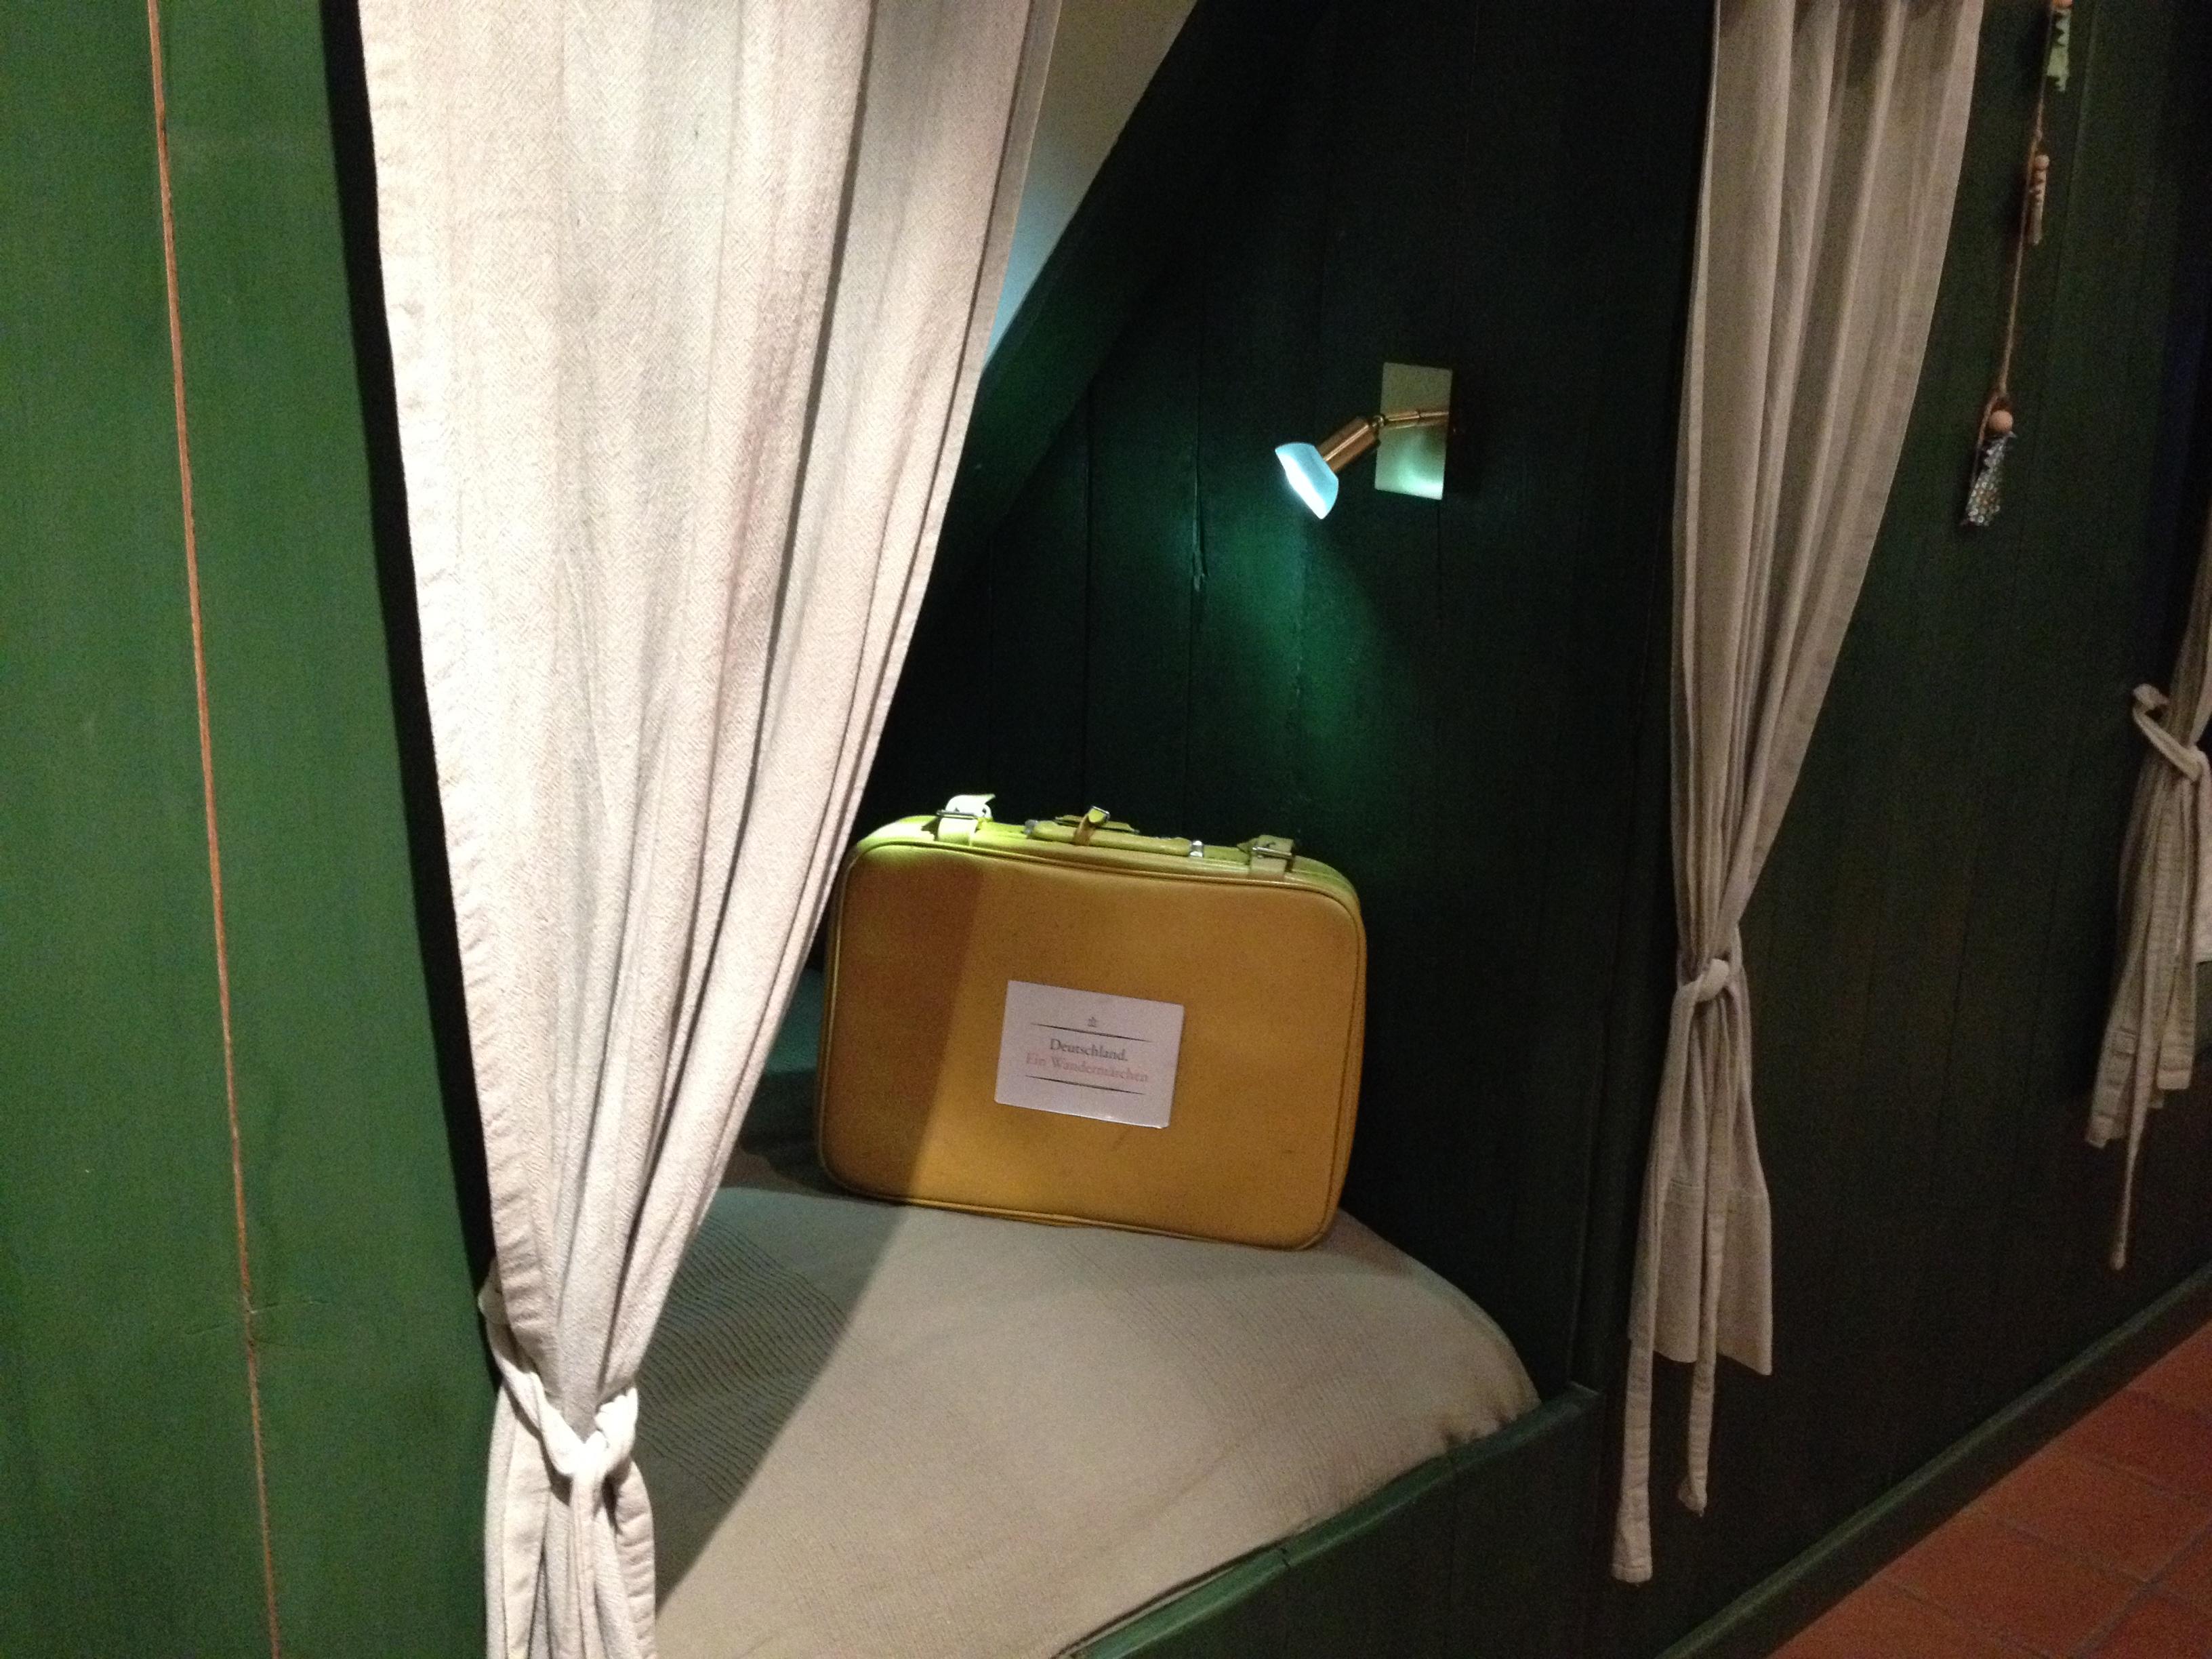 So, angekommen! Mein Koffer schläft in historischen Alkoven ...